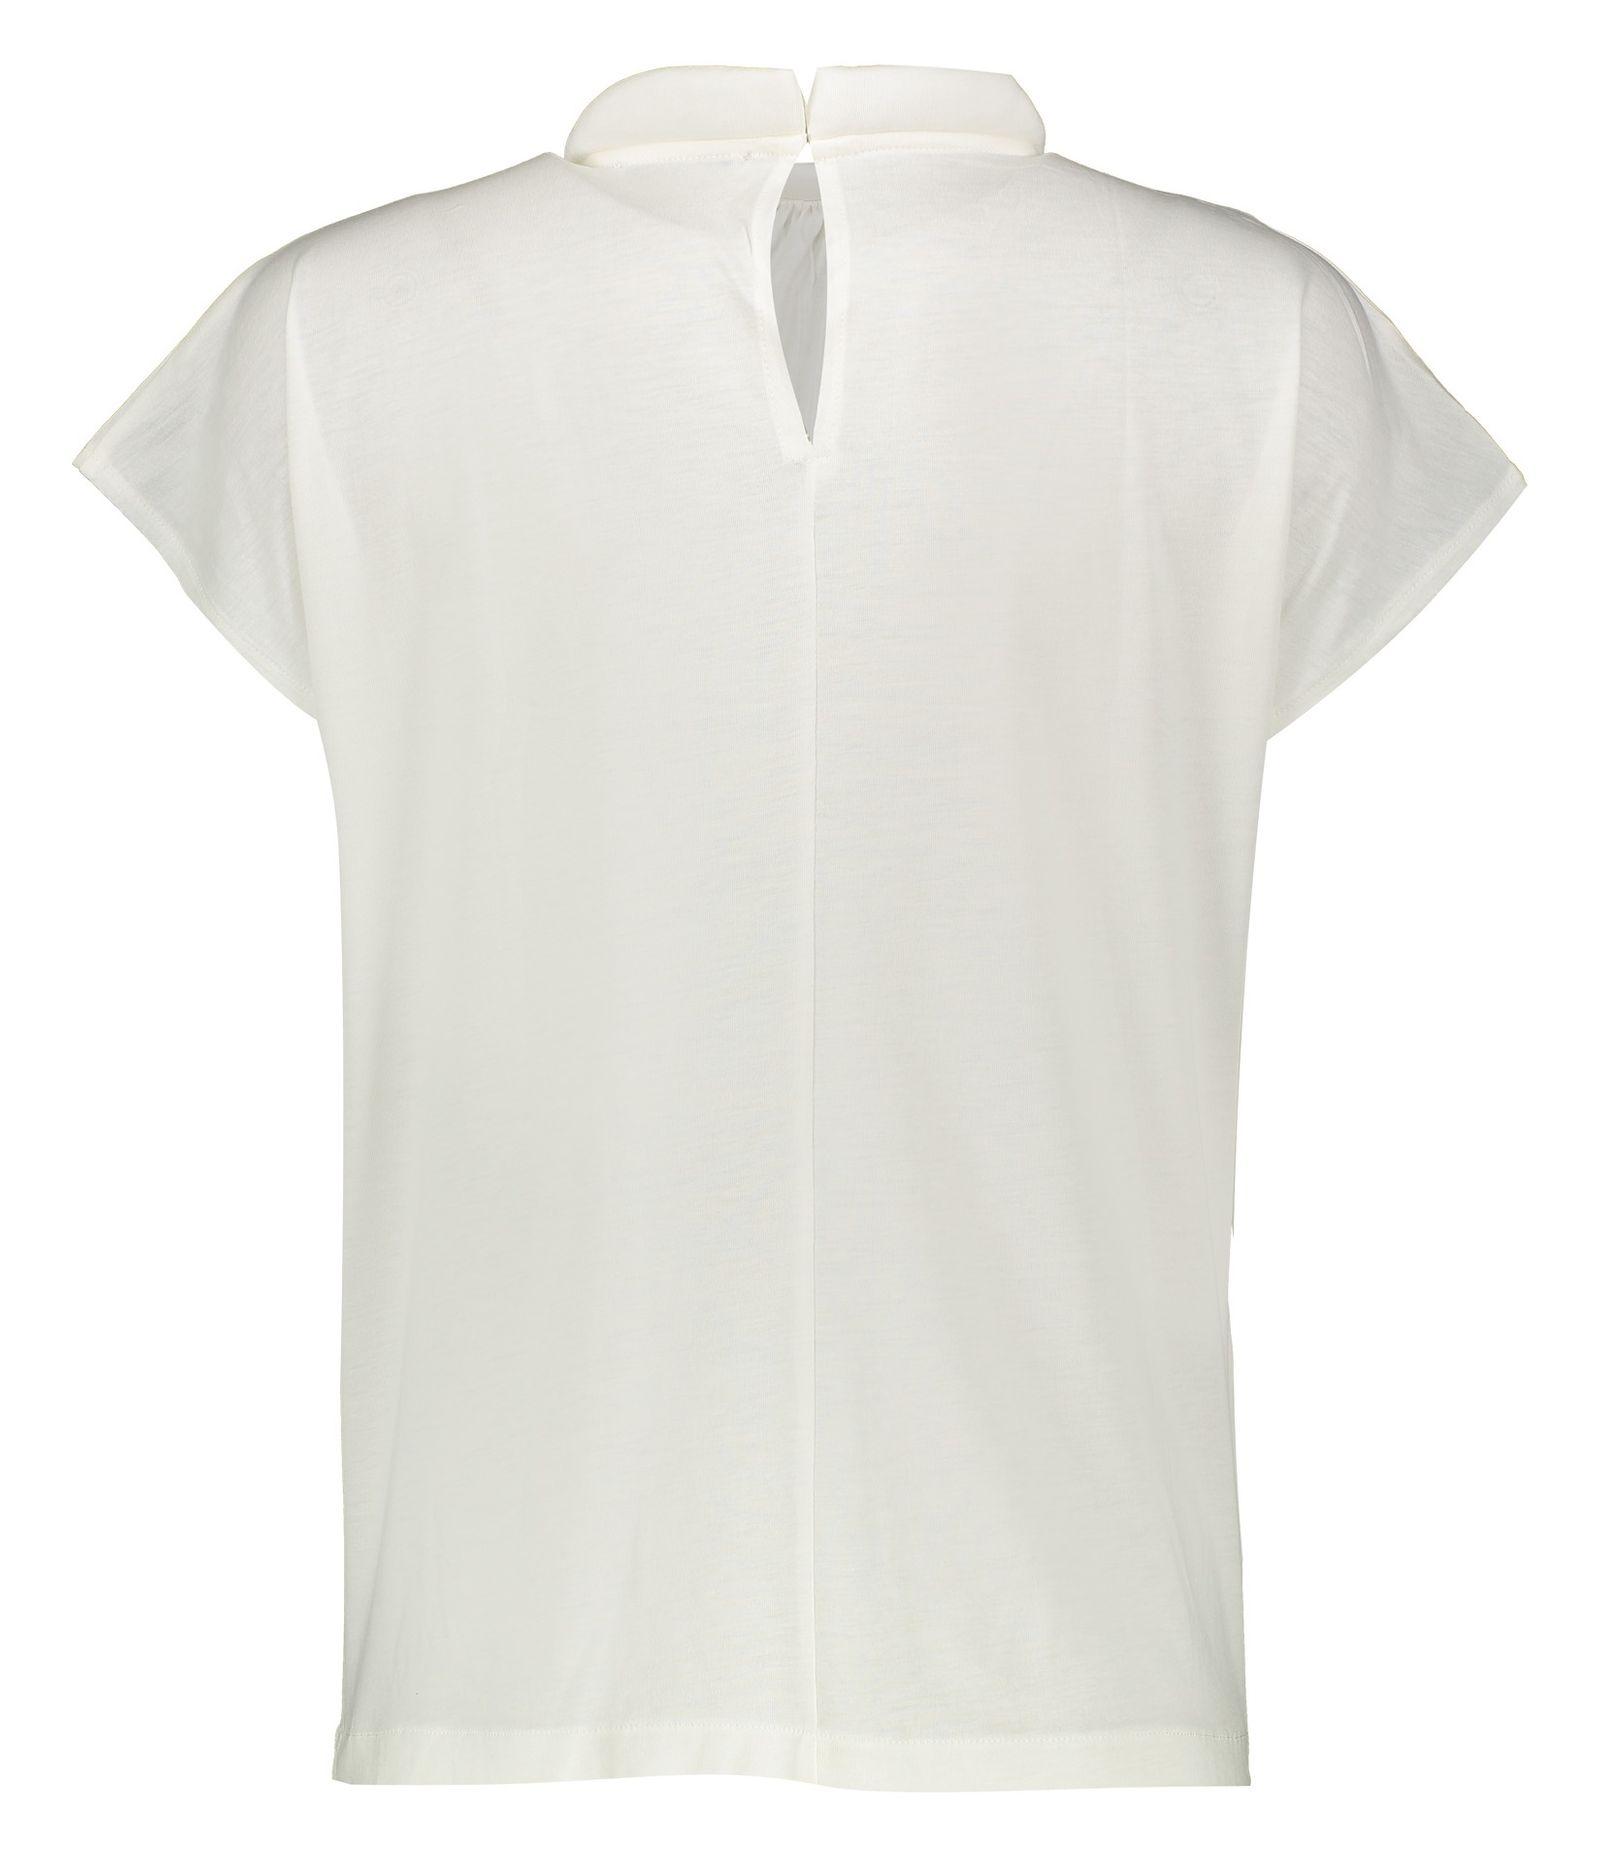 تی شرت یقه گرد زنانه - مانگو - سفید - 3